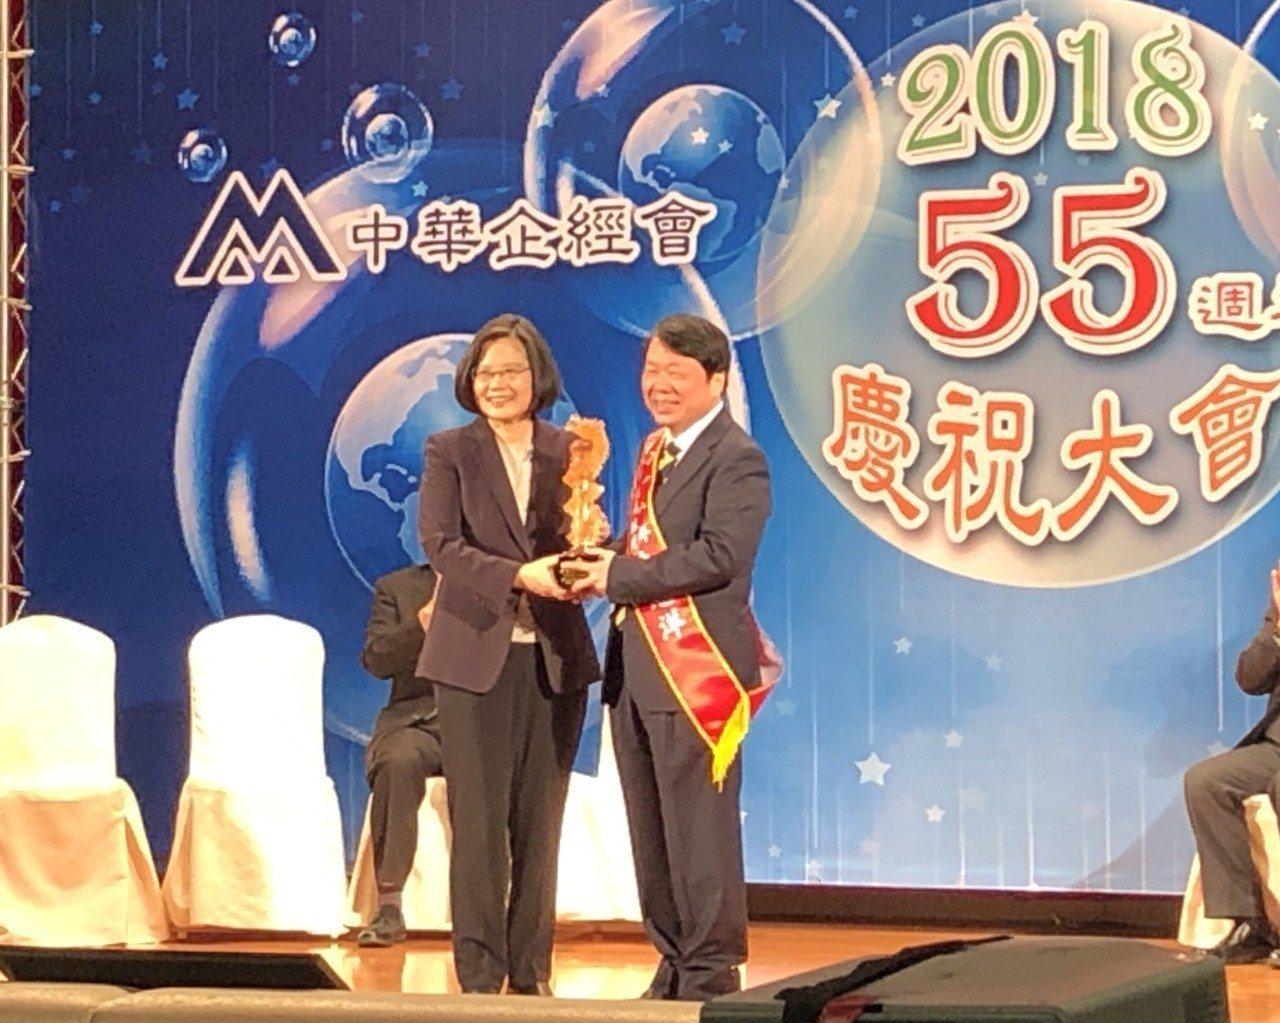 友嘉集團總裁朱志洋(右)獲總統蔡英文頒發國家卓越成就獎。記者宋健生/攝影